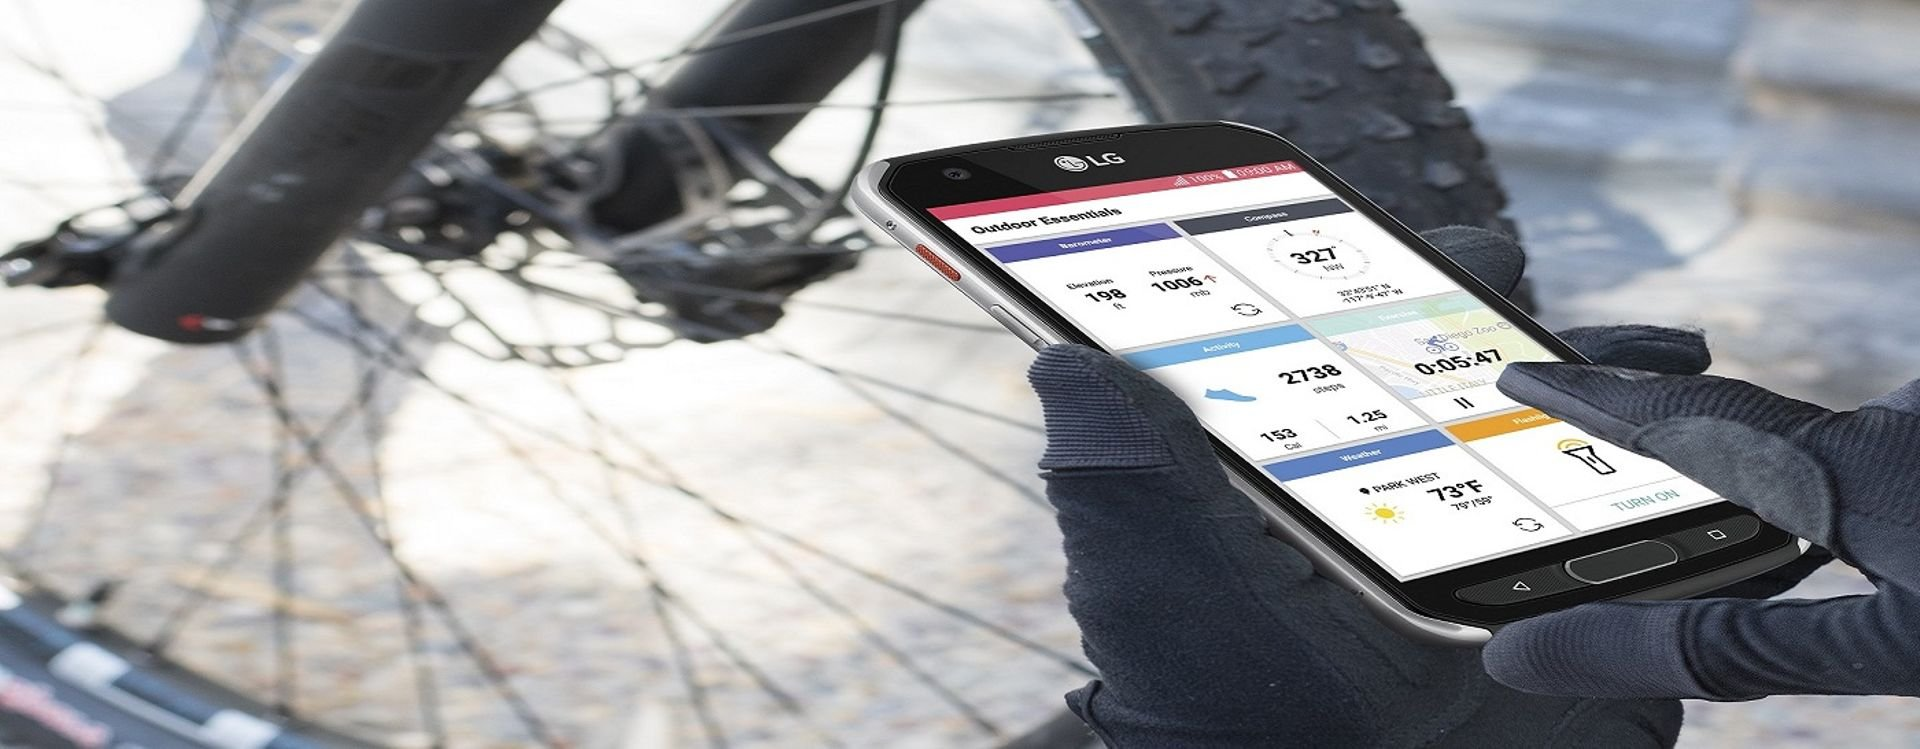 هل حقا هاتف LG X Venture الجديد المقاوم للصدمات؟ وما هي مواصفاته الاخرى؟